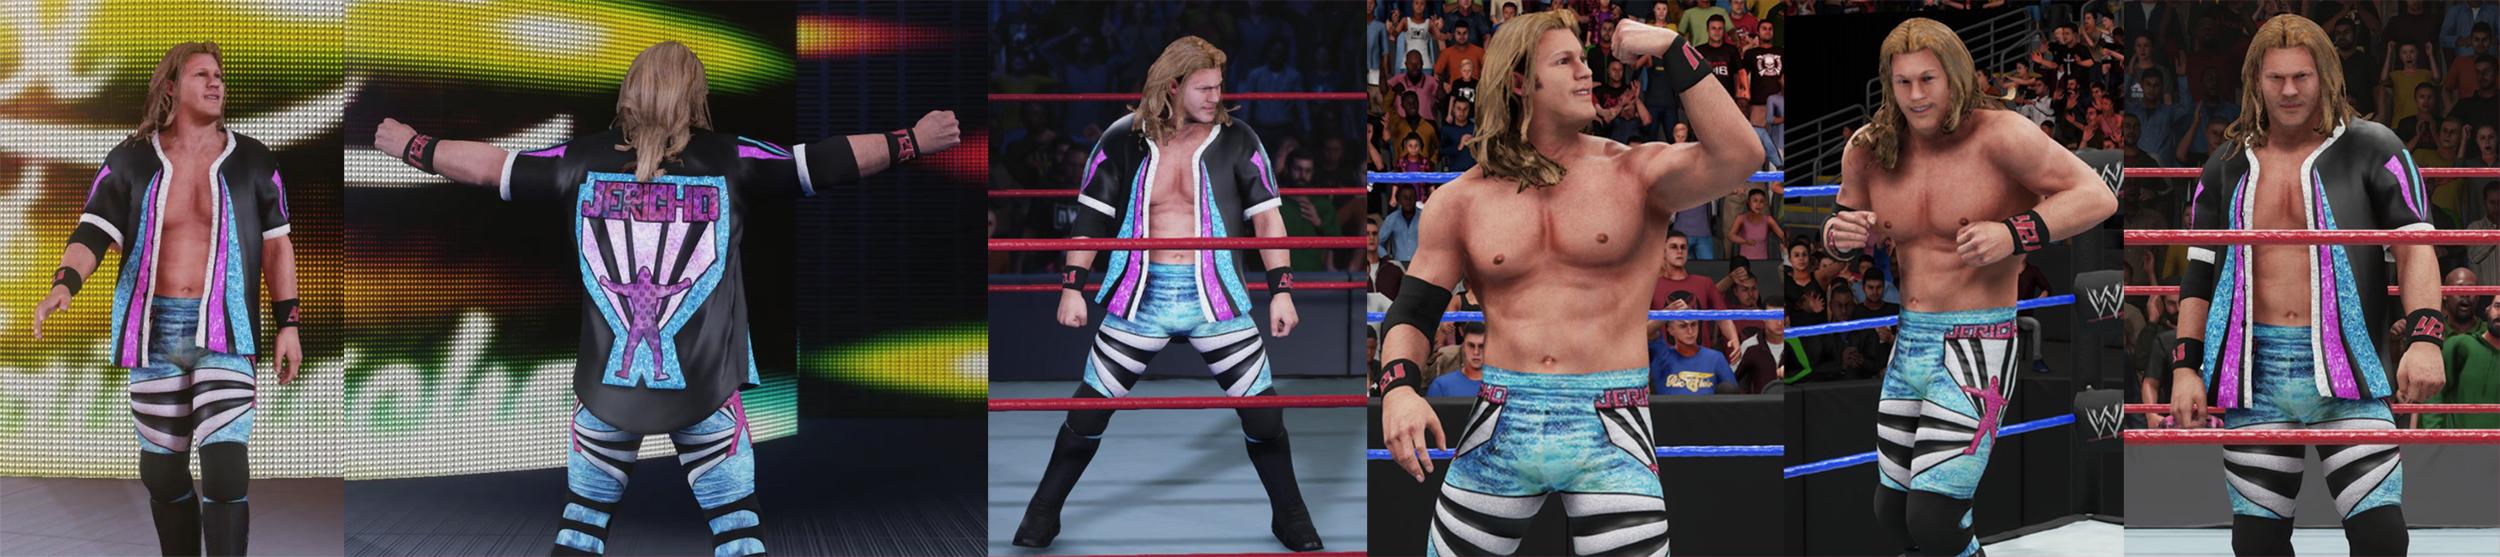 Jericho-WMXX.jpg